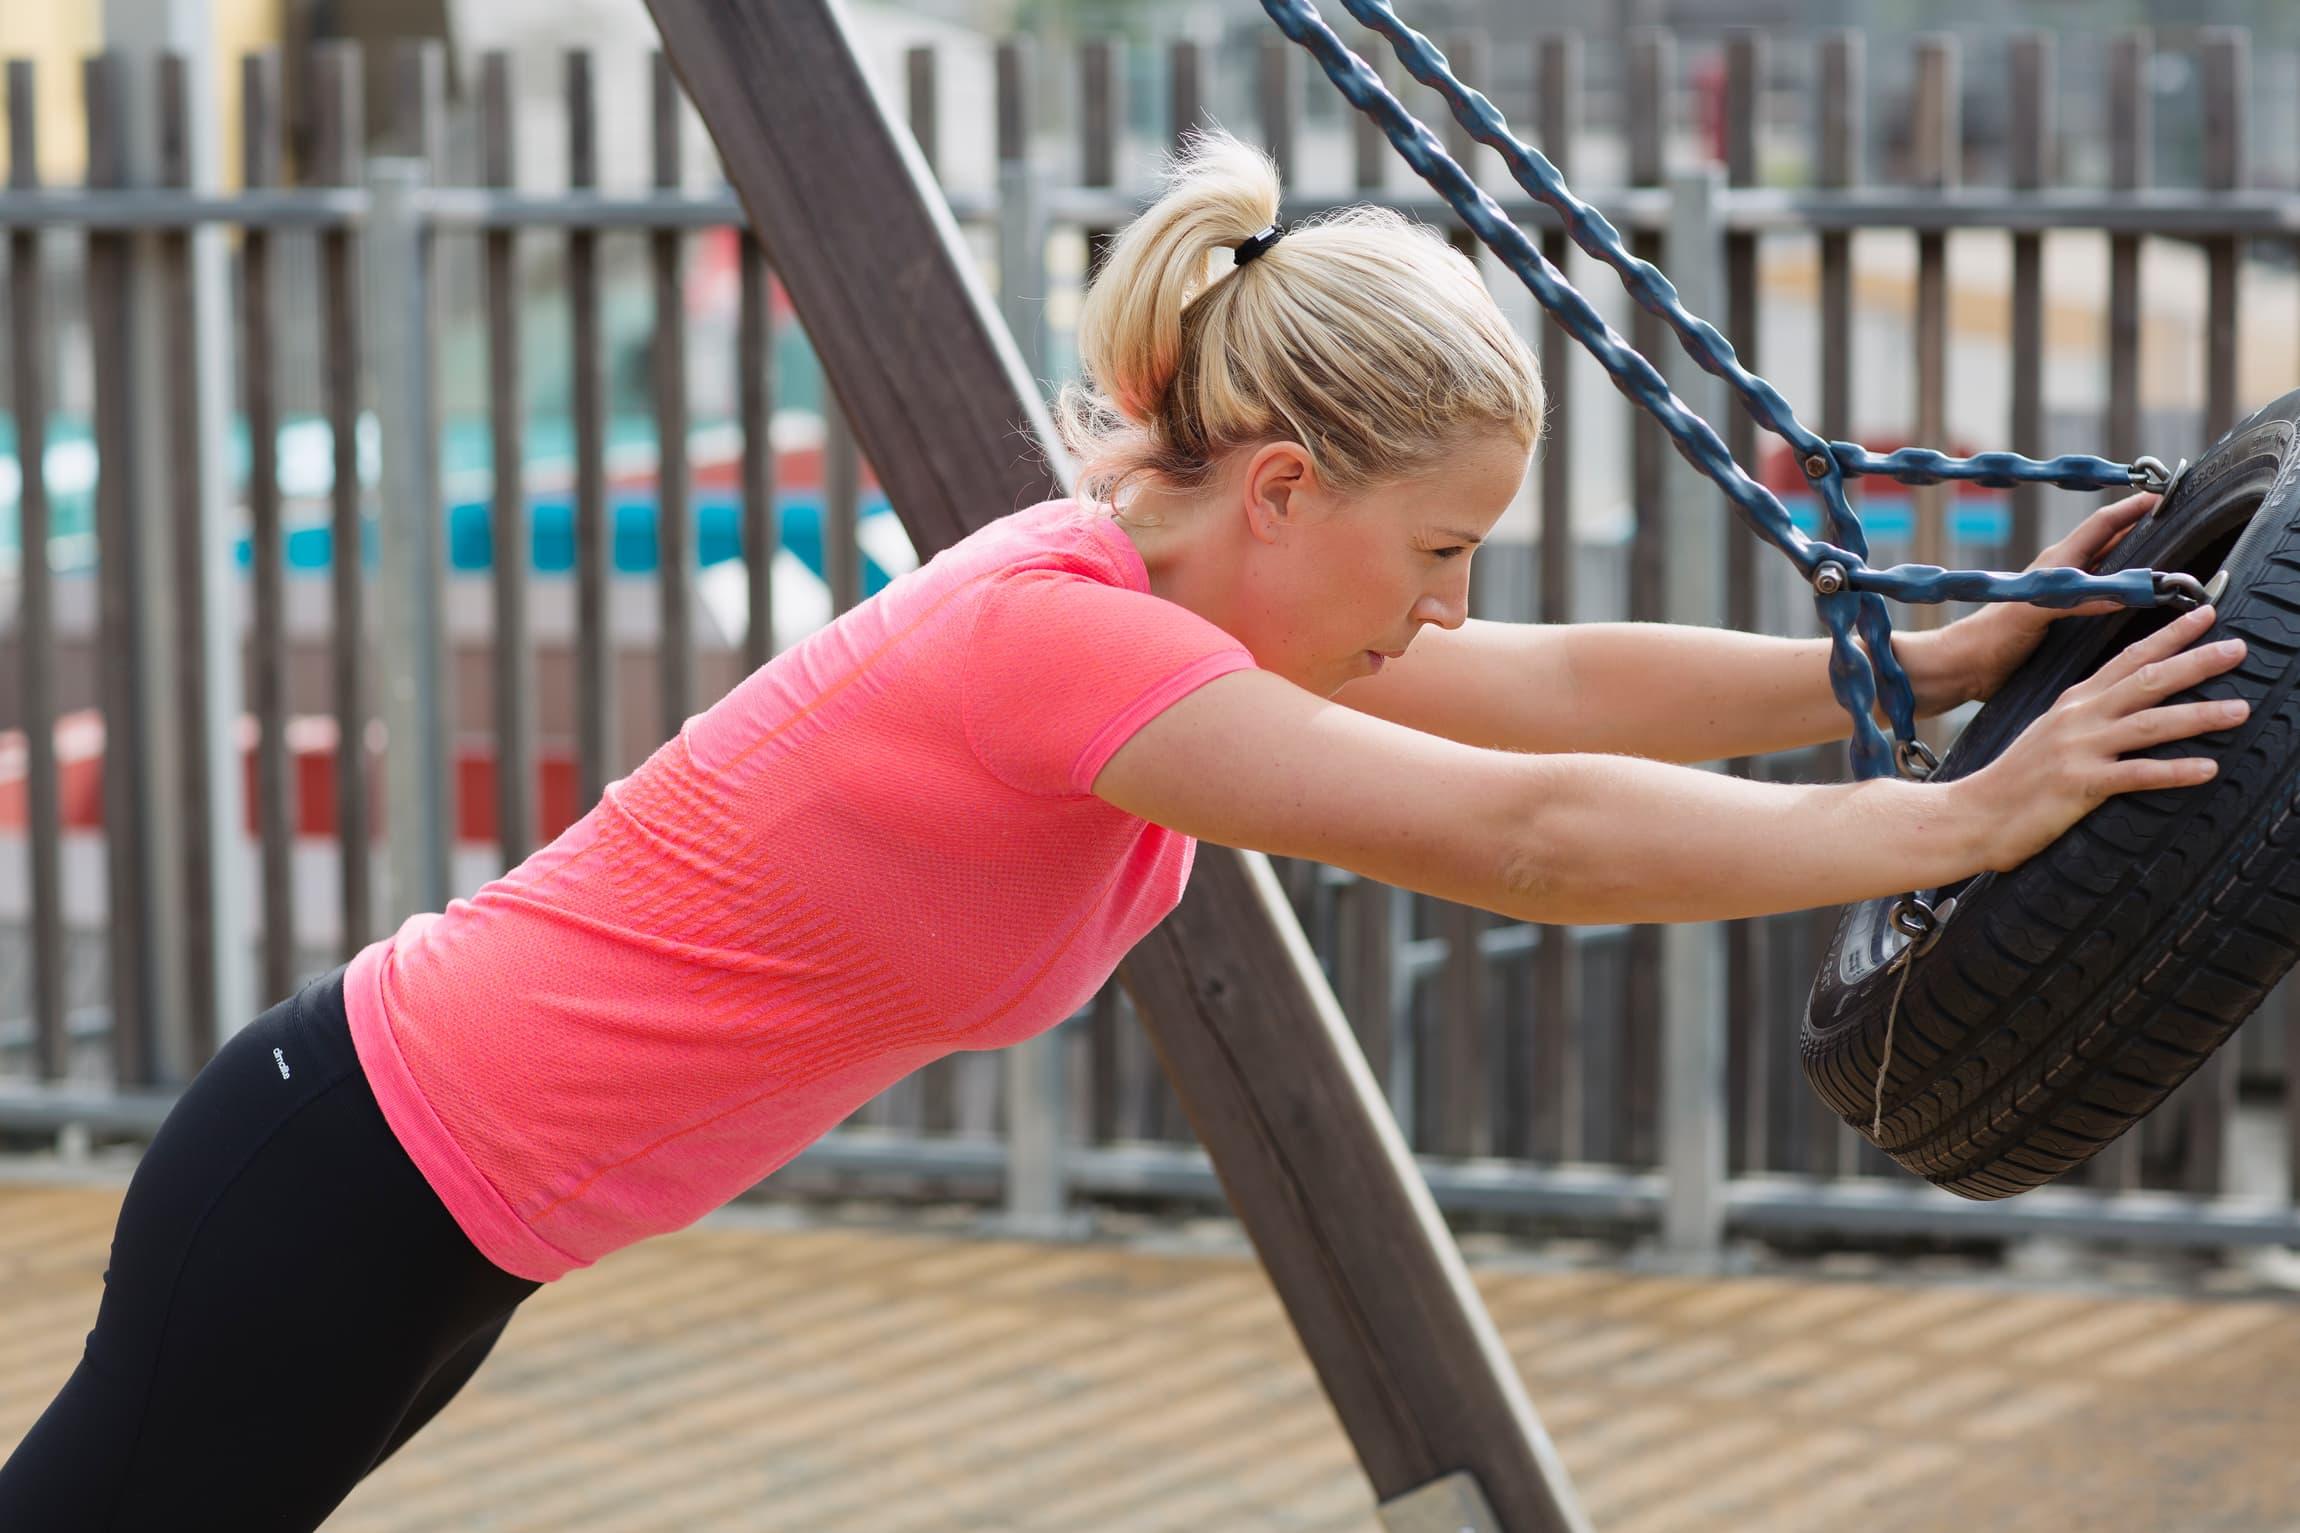 Du trenger ikke tilgang på treningsstudio eller kjøpe dyrt utstyr. 30 aktive minutter om dagen er målet - hvorfor ikke legge inn noen øvelser på lekeplassen med barna?